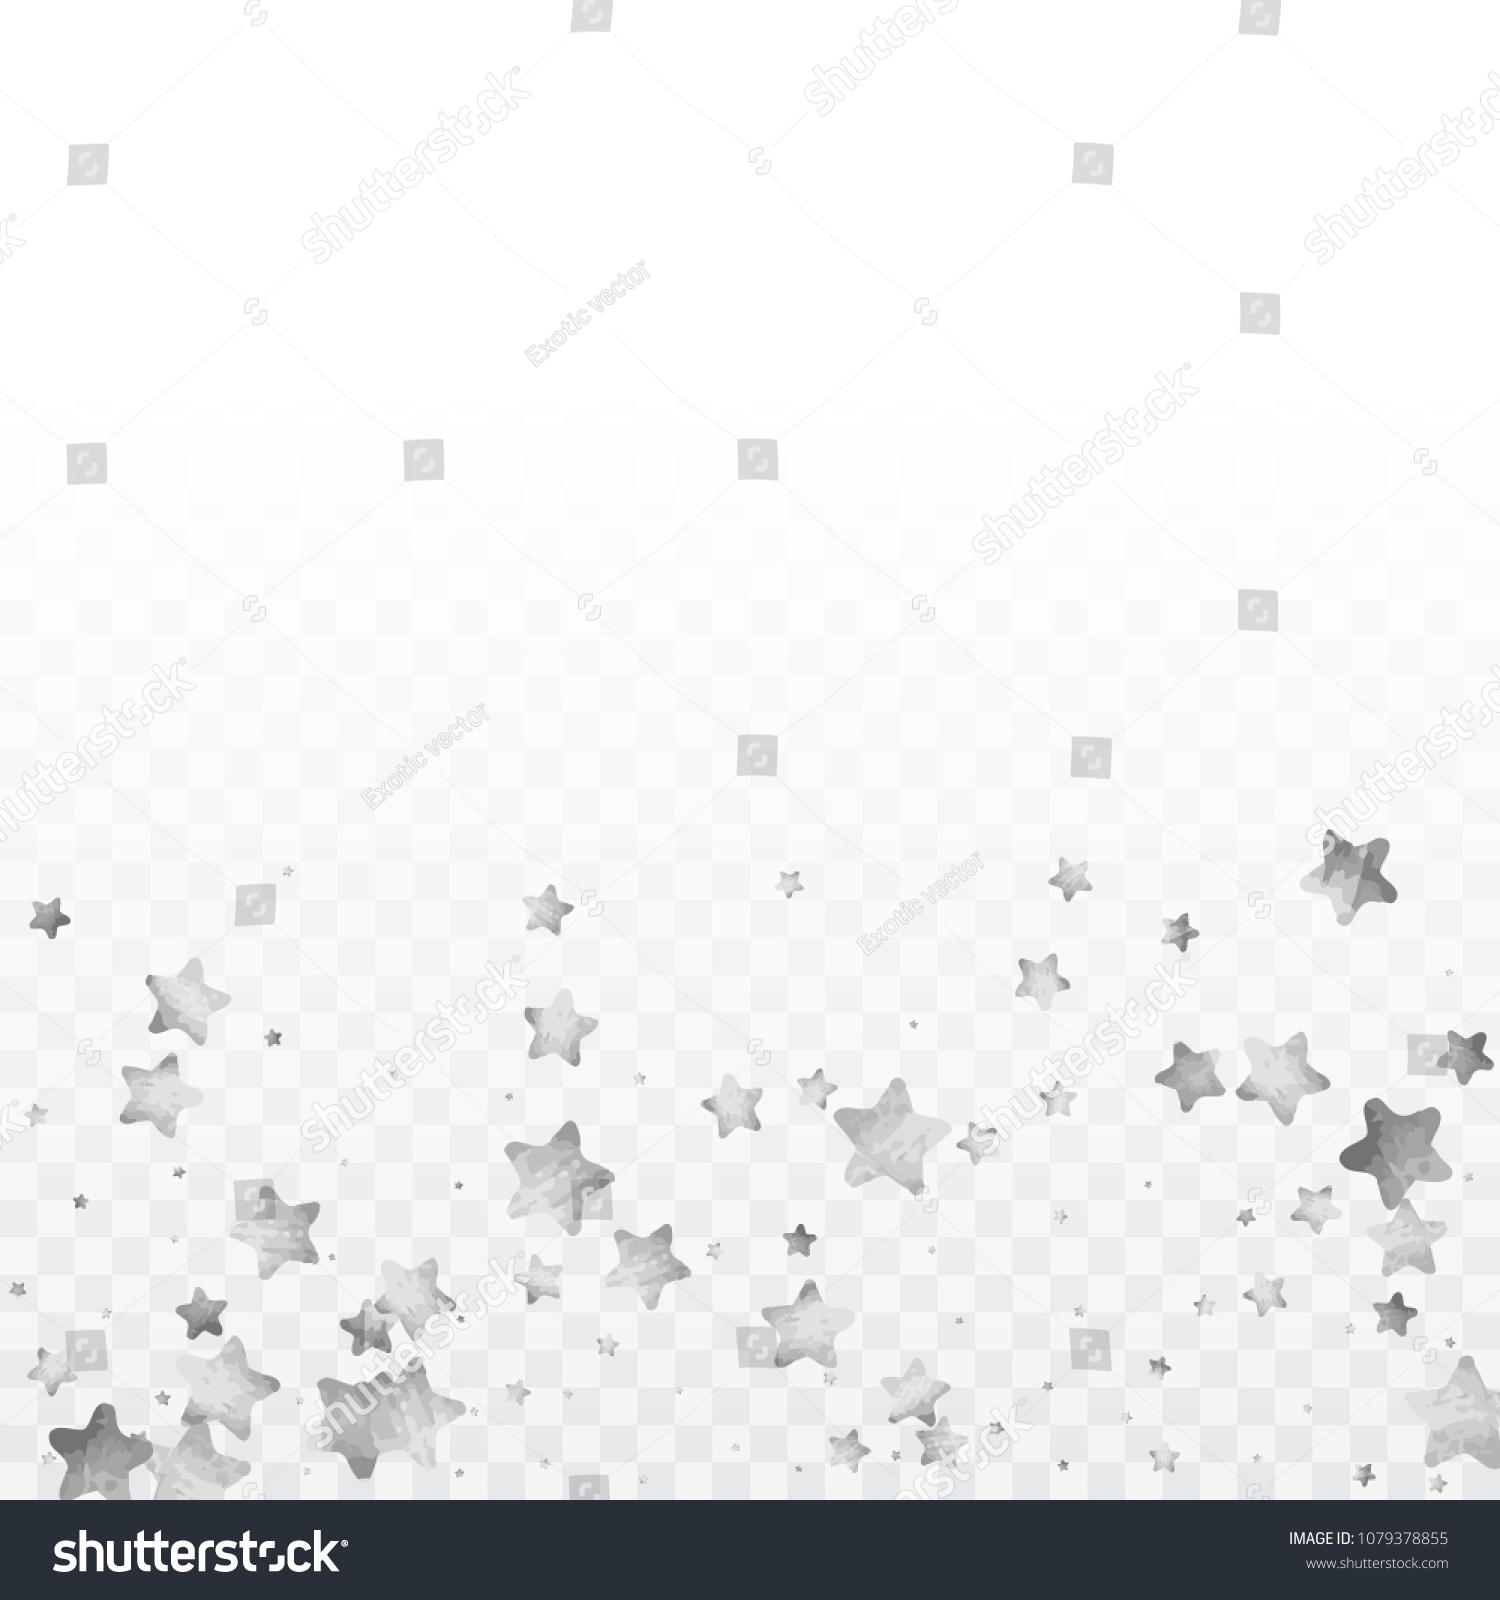 e9a0386bb42 Star silver confetti. Glitter vector celebrate background. Silver sparkles  and dots on black backdrop